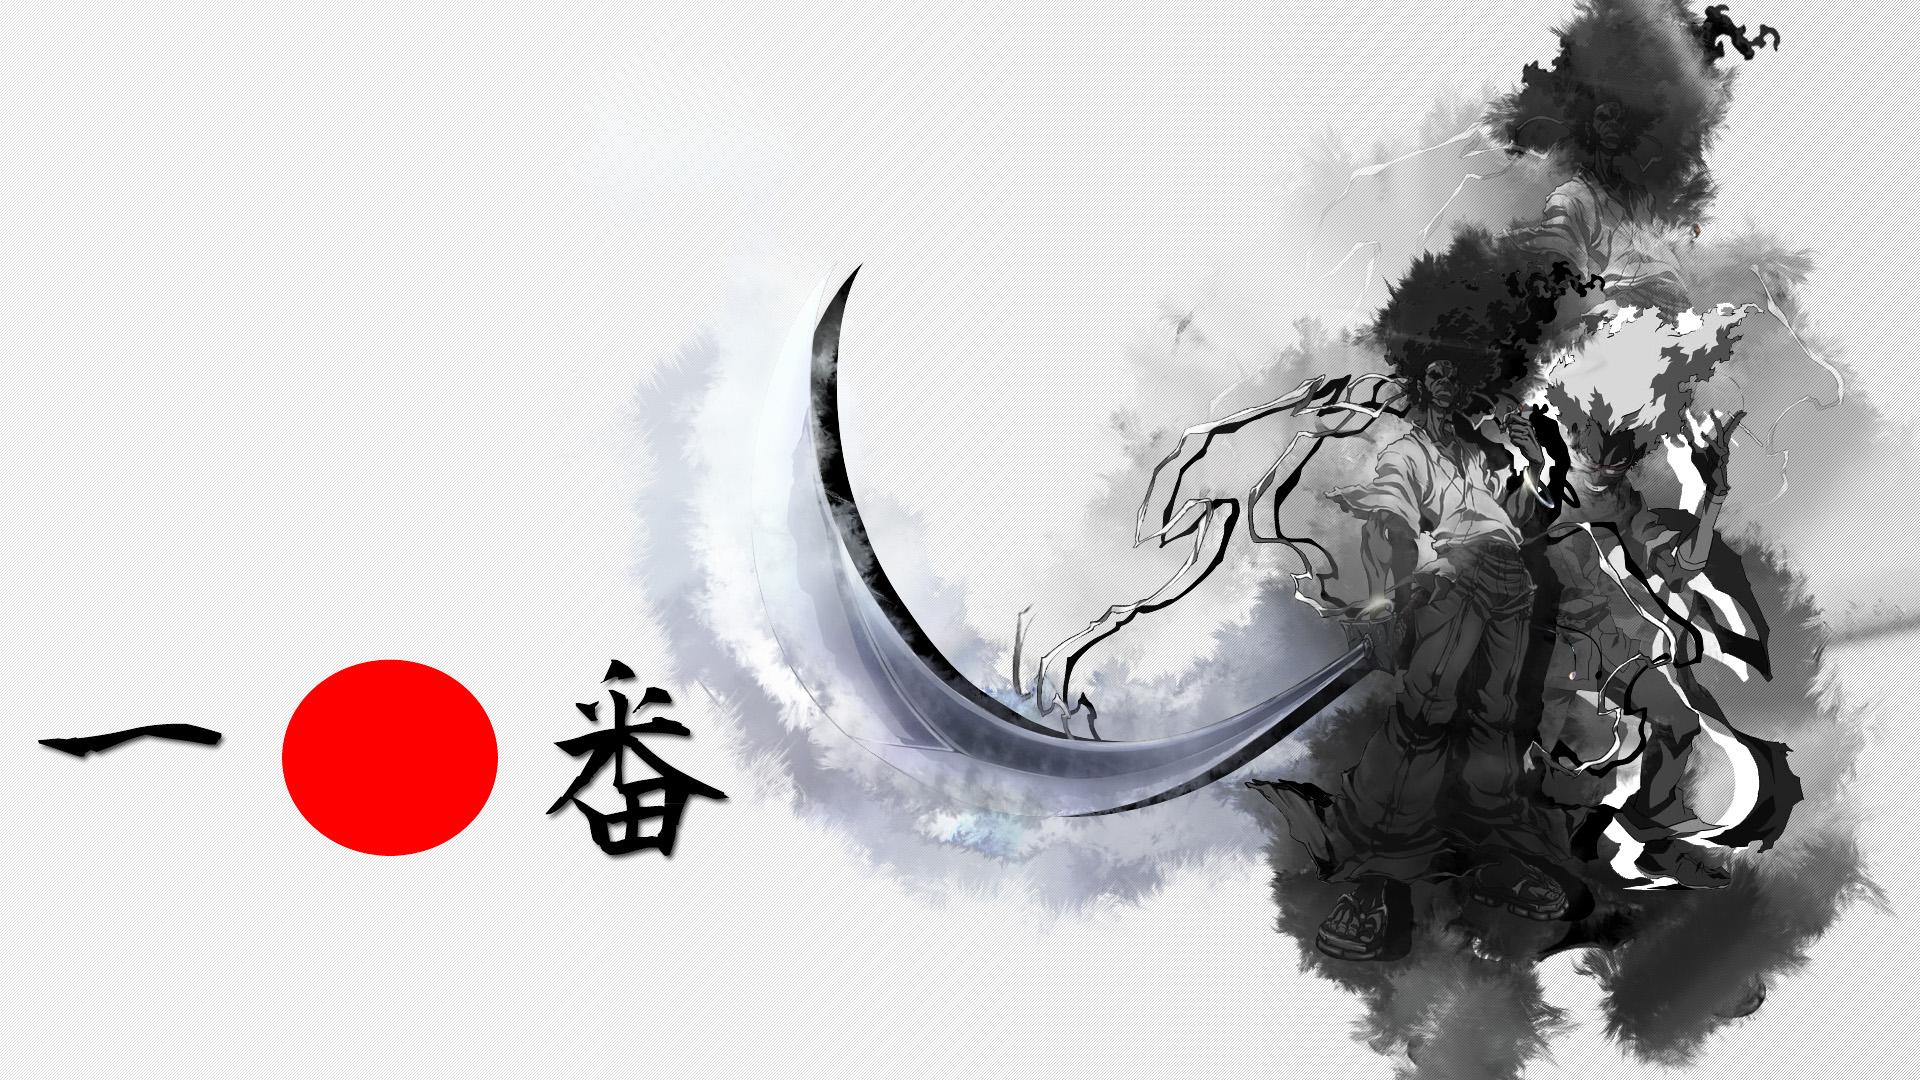 Samurai hentai imagem sex pictures